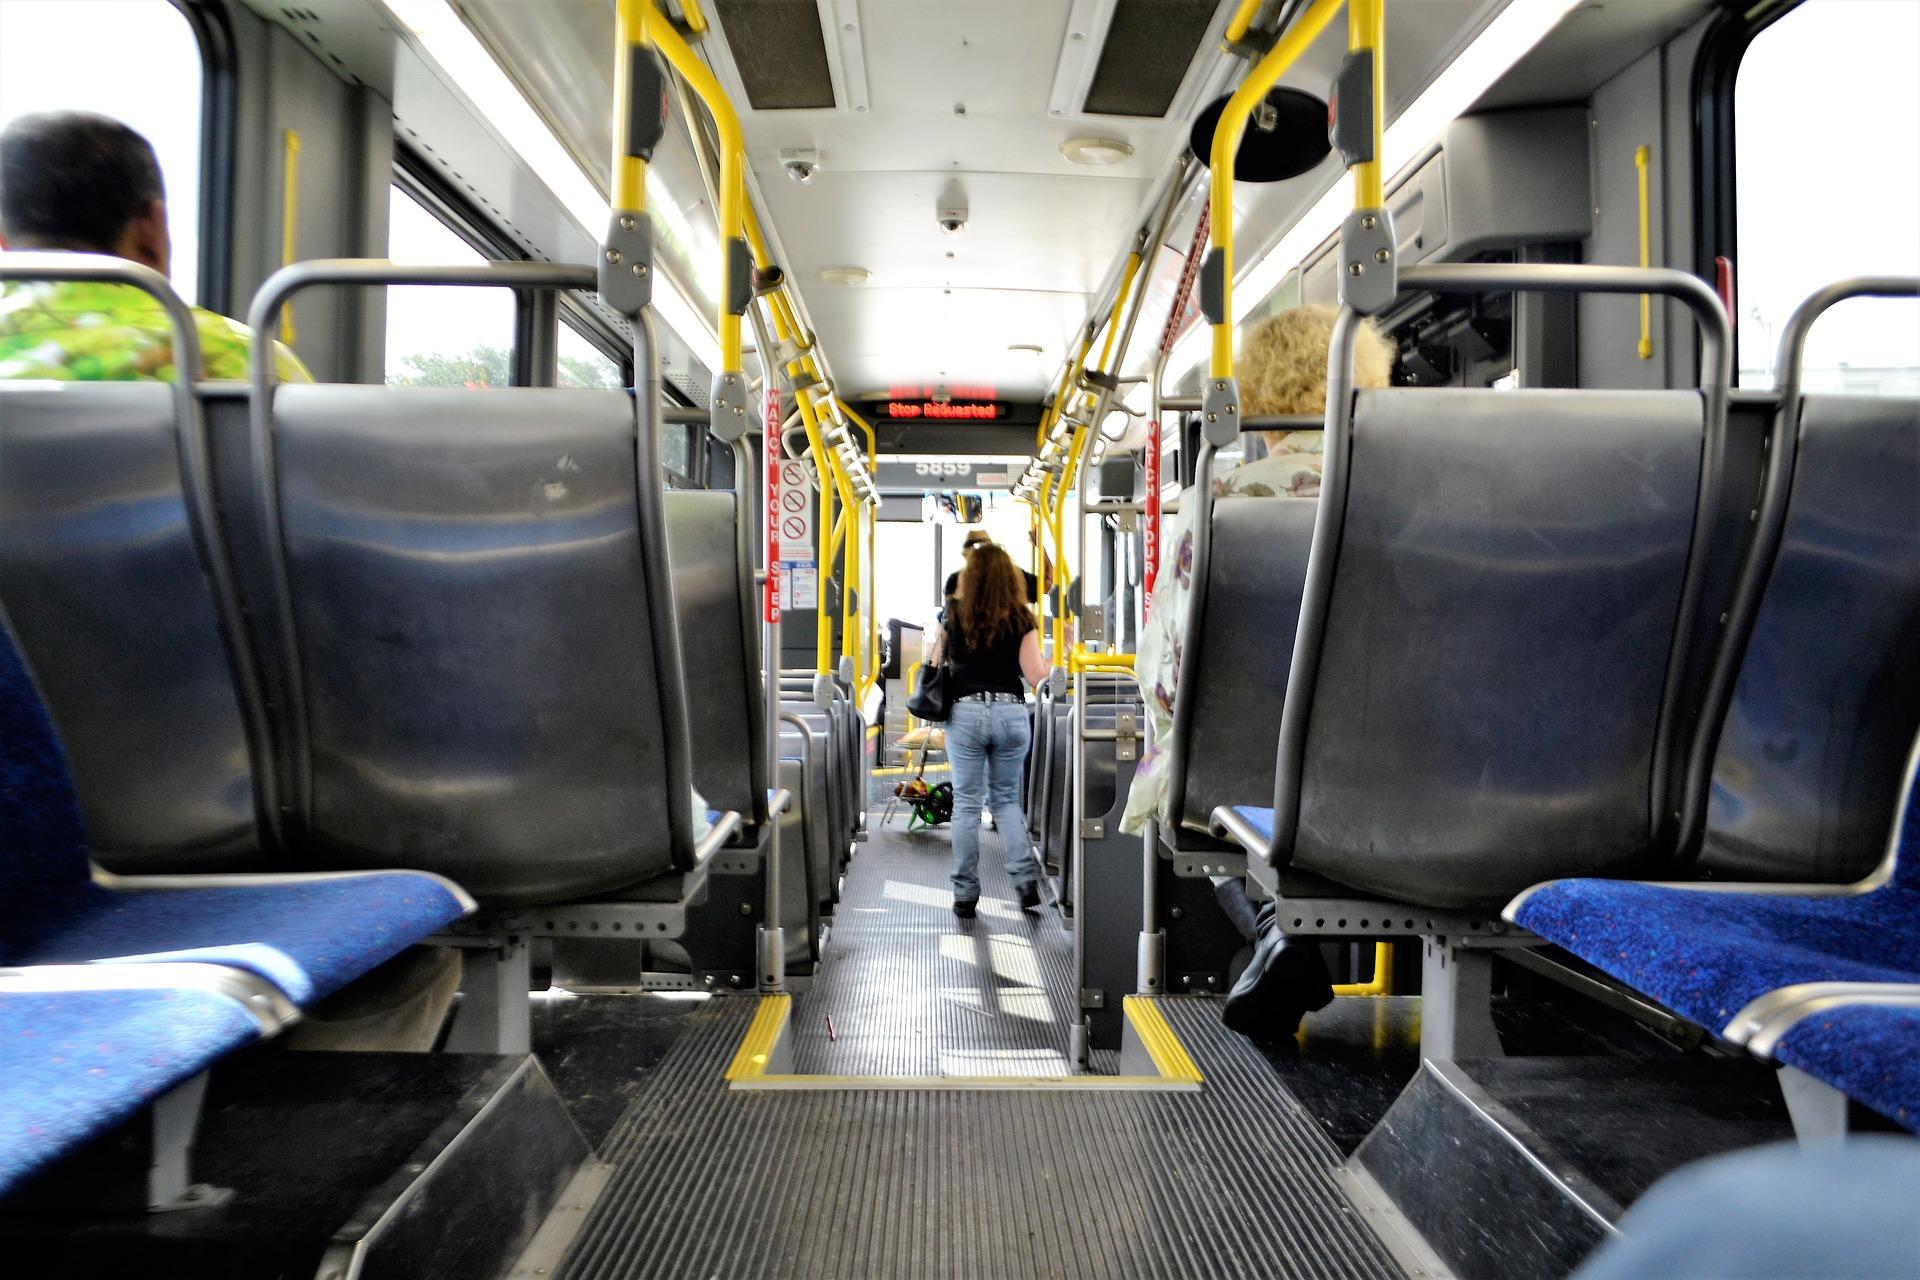 metro-bus-2825217_1920